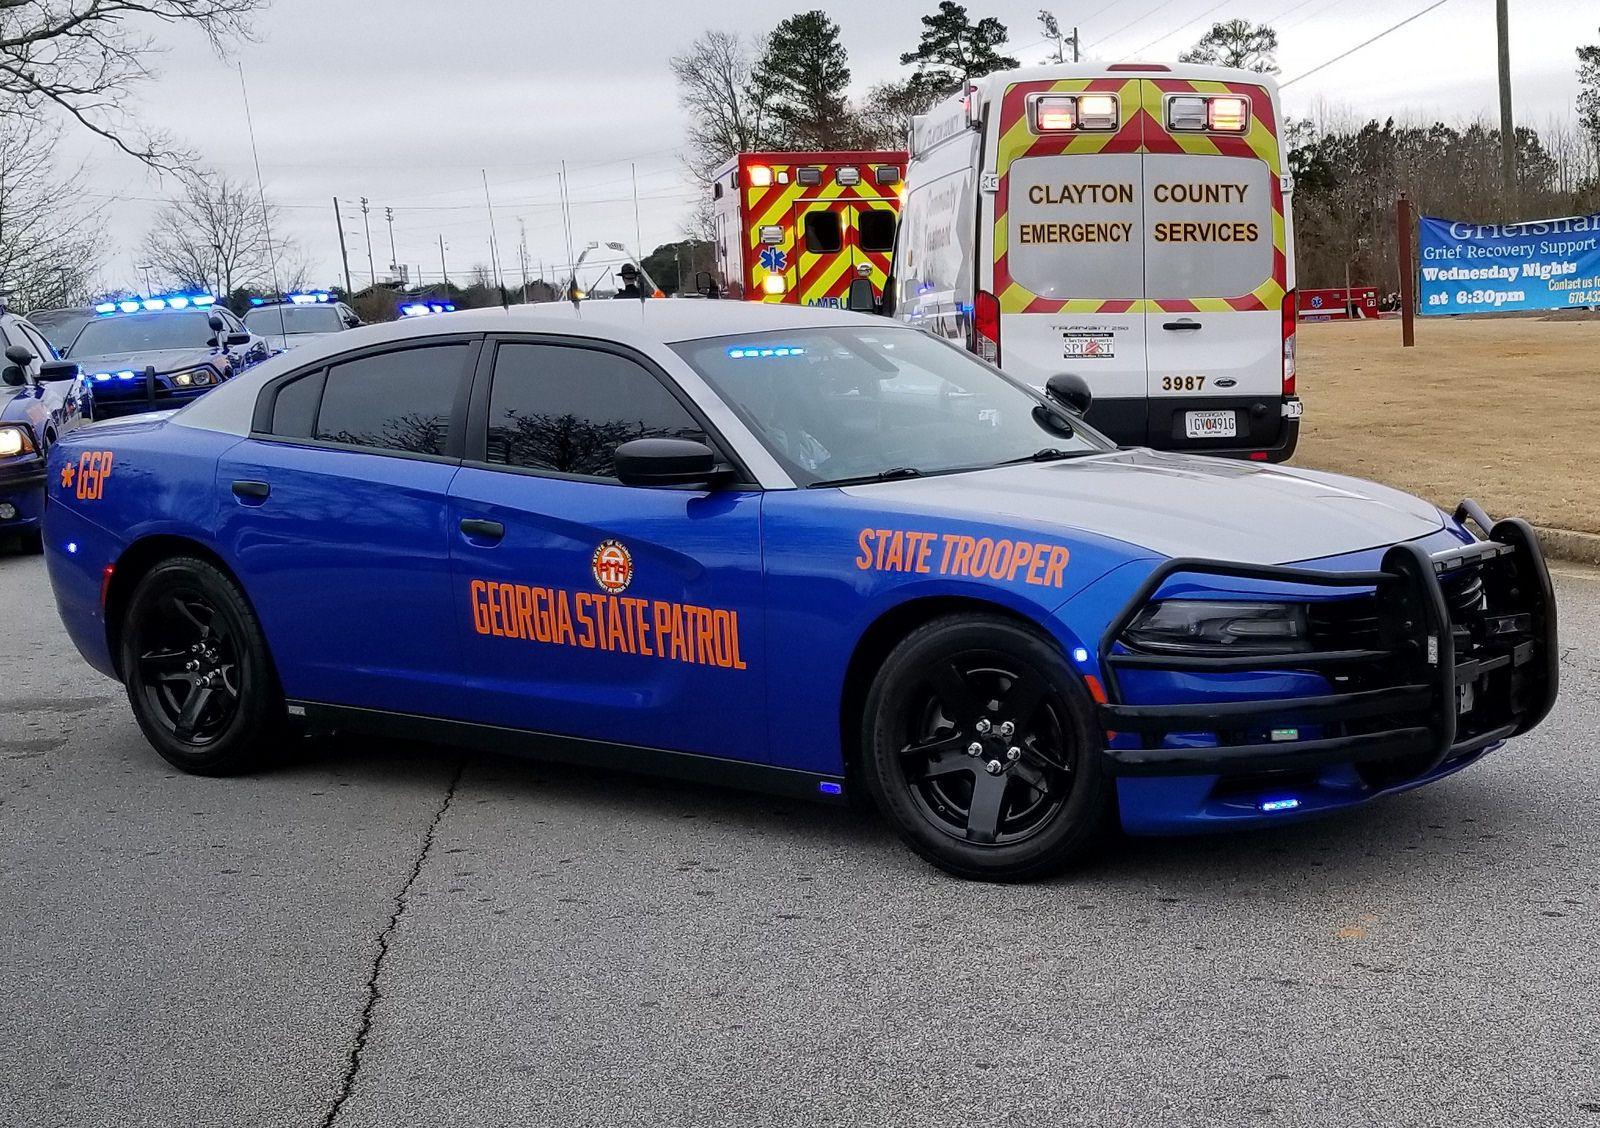 63548a7d3c7806f65098578c3dd1f122 - Application For Georgia State Patrol